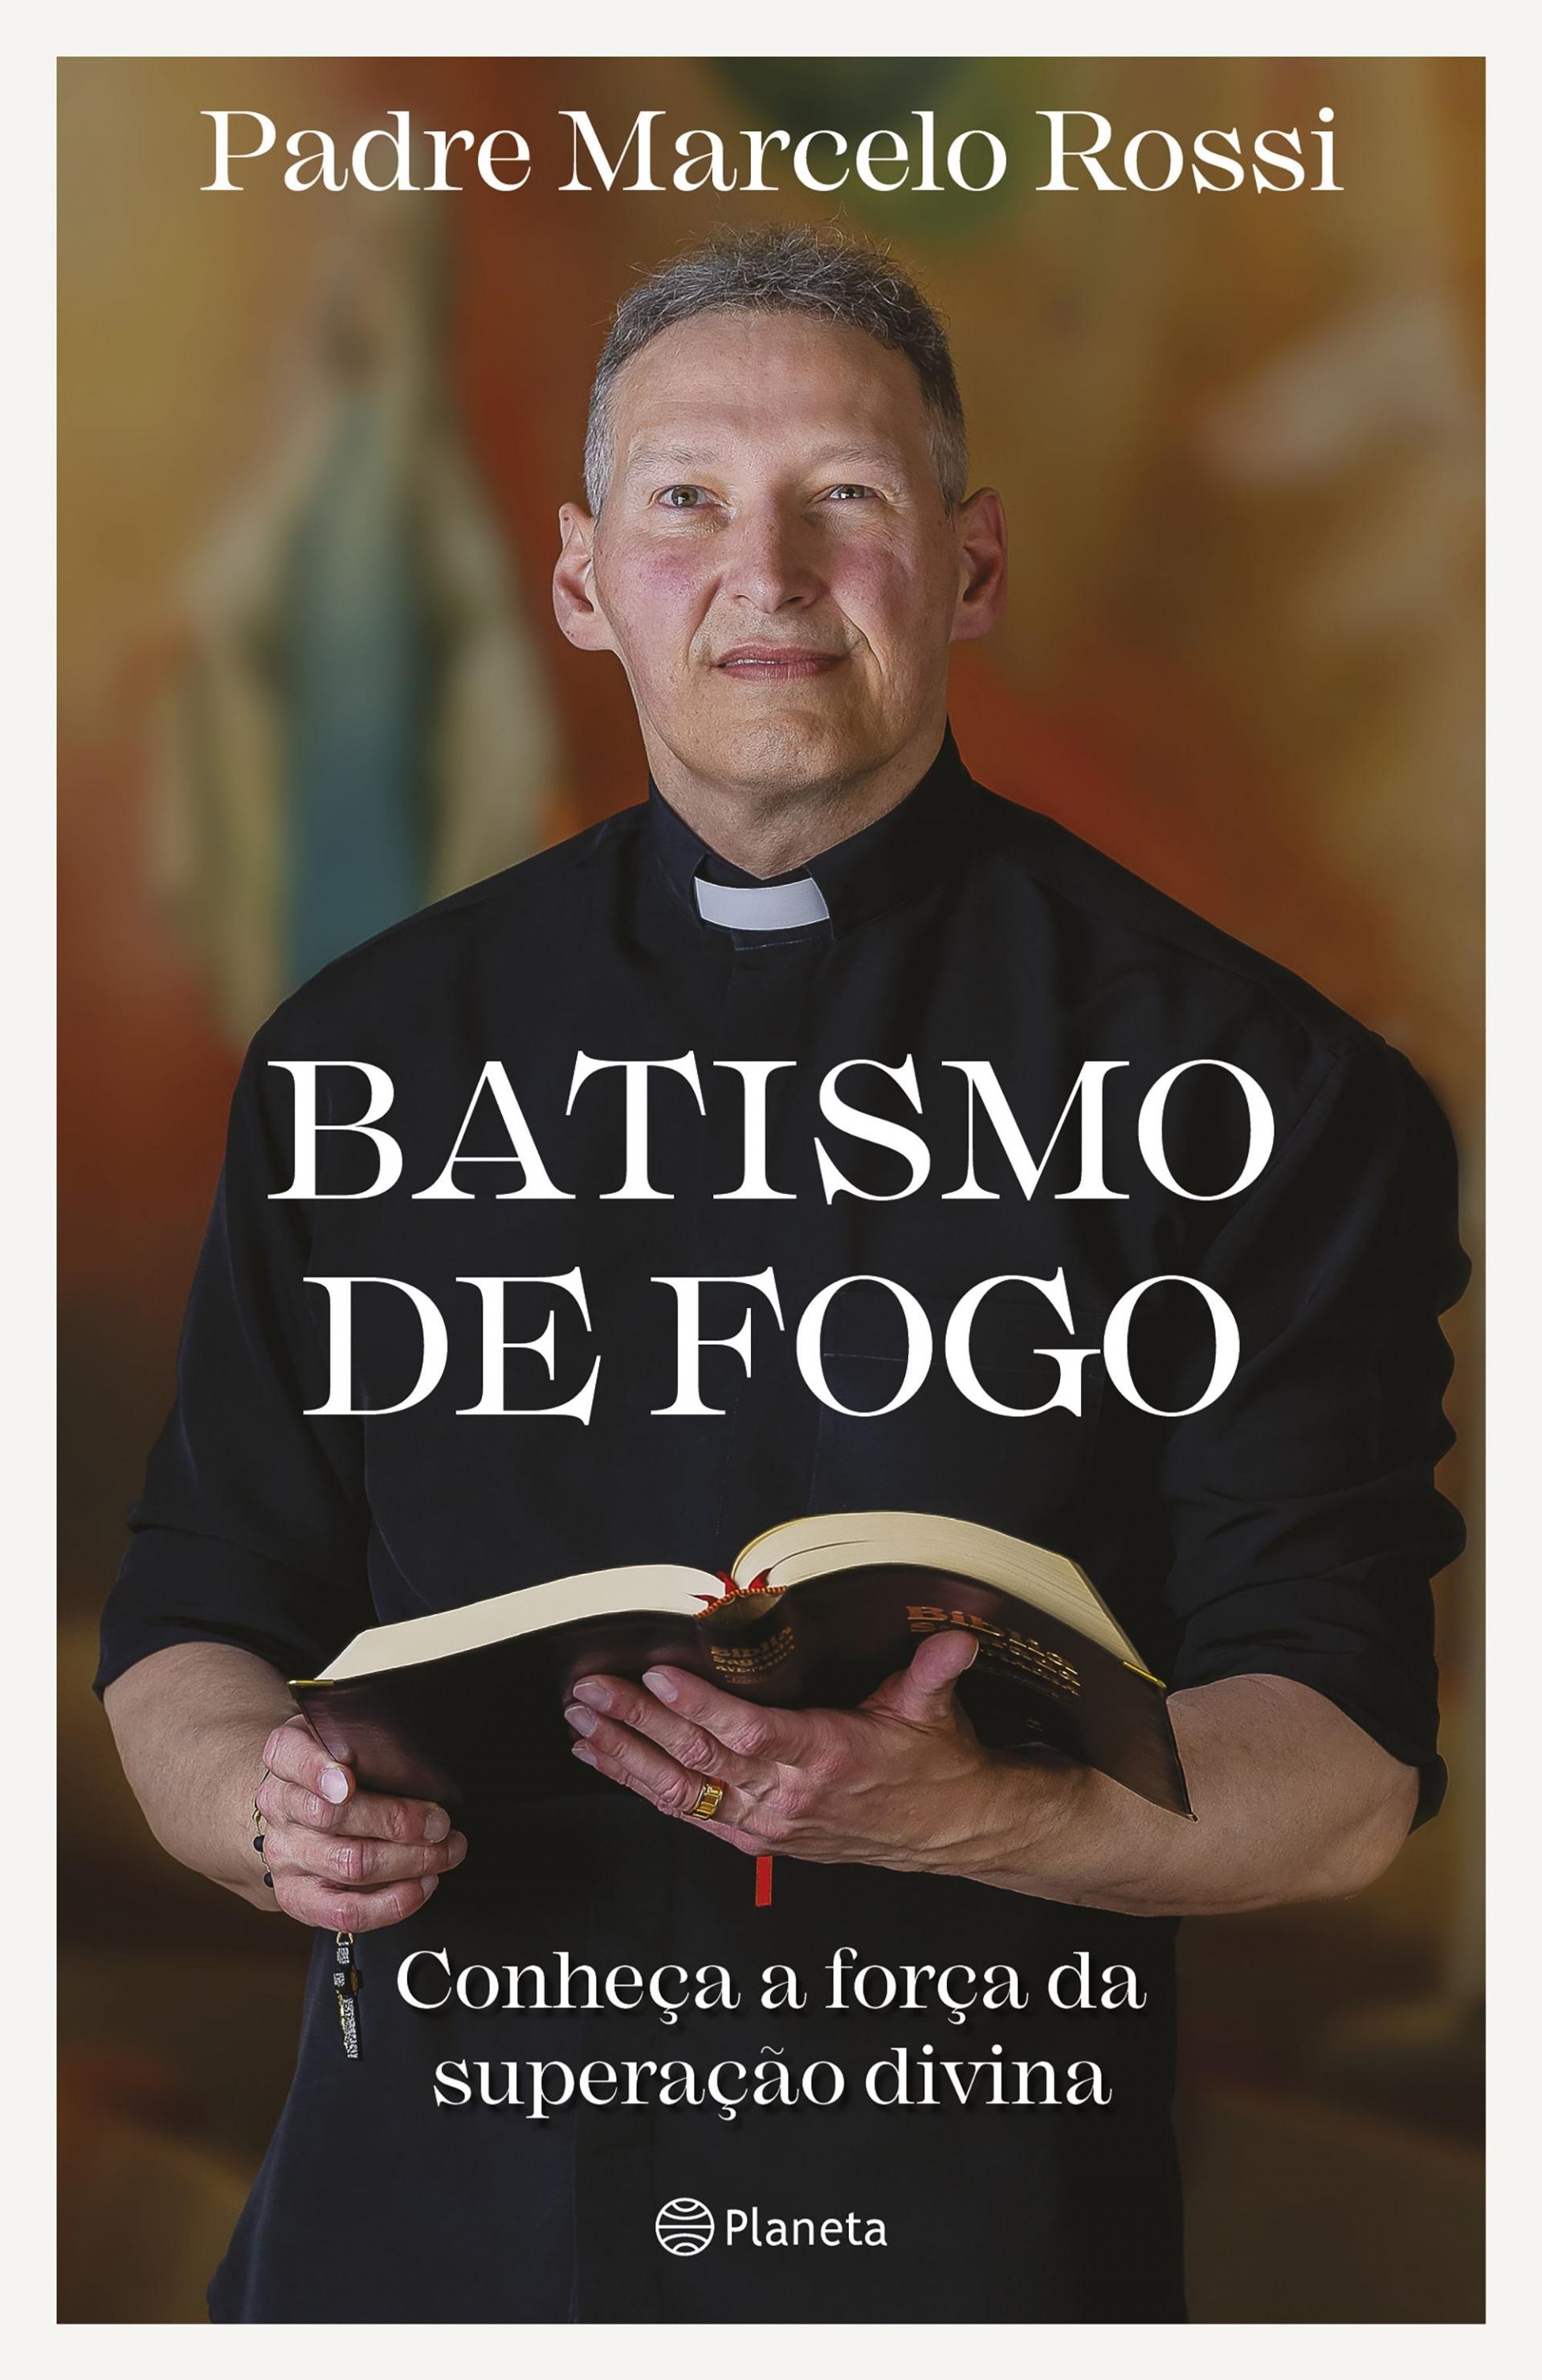 Batismo de fogo - Conheça a força da superação divina